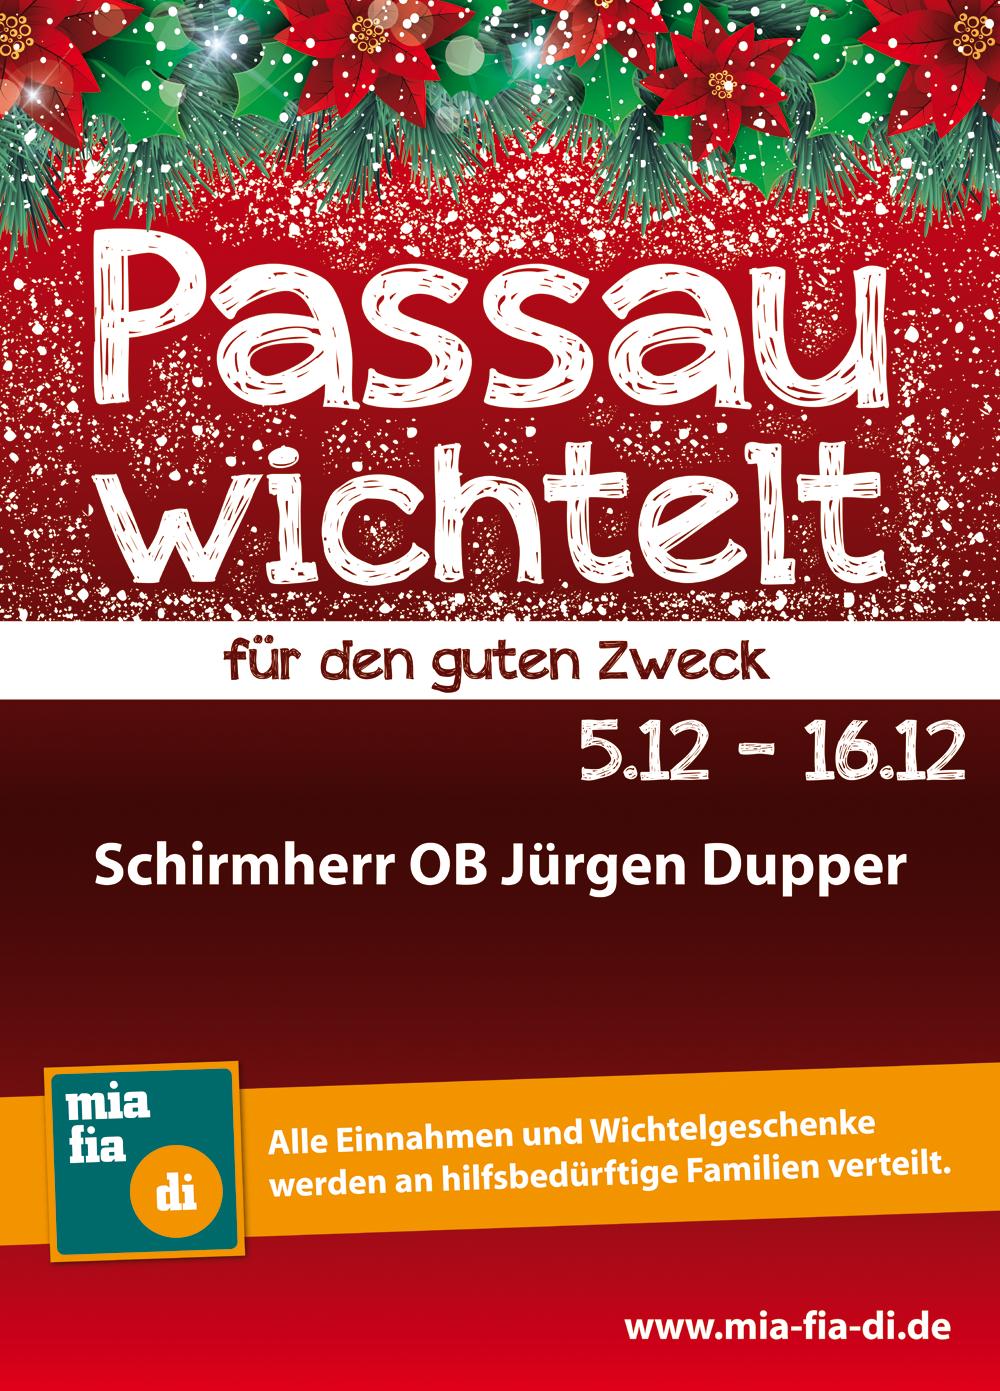 mia_fia_di_Passau_wichtelt